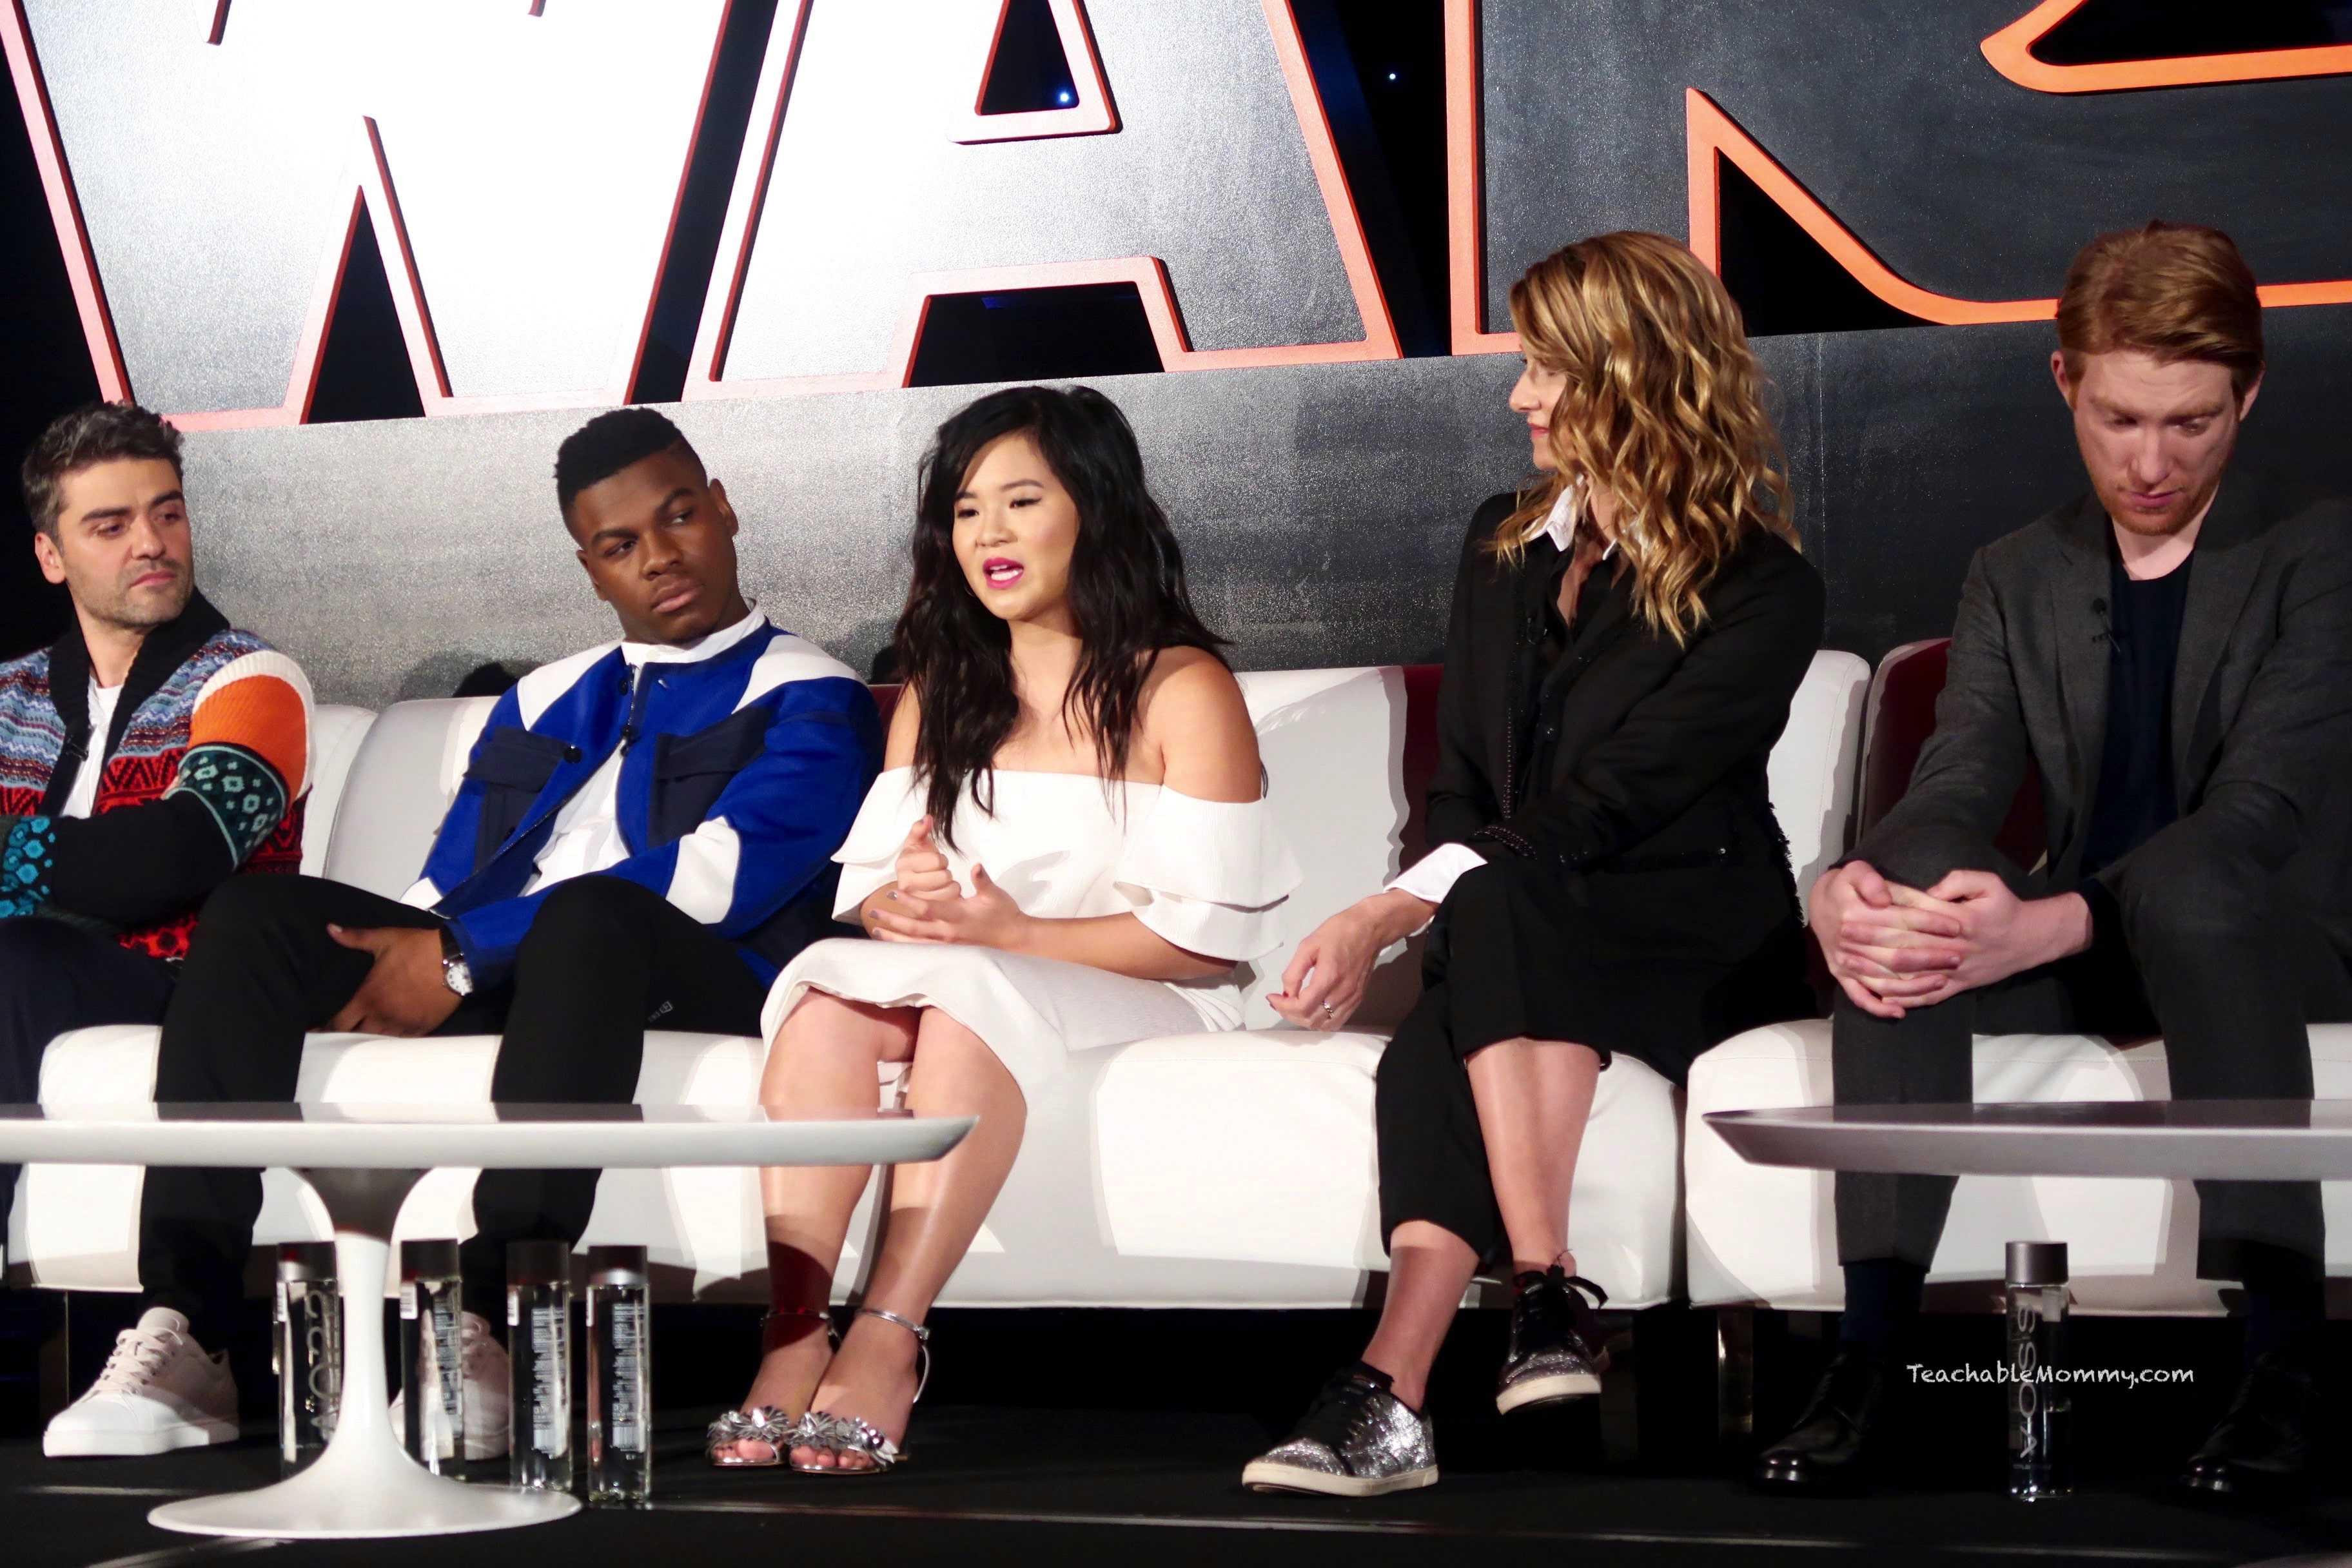 Star Wars The Last Jedi Press Junket Q&A #TheLastJediEvent